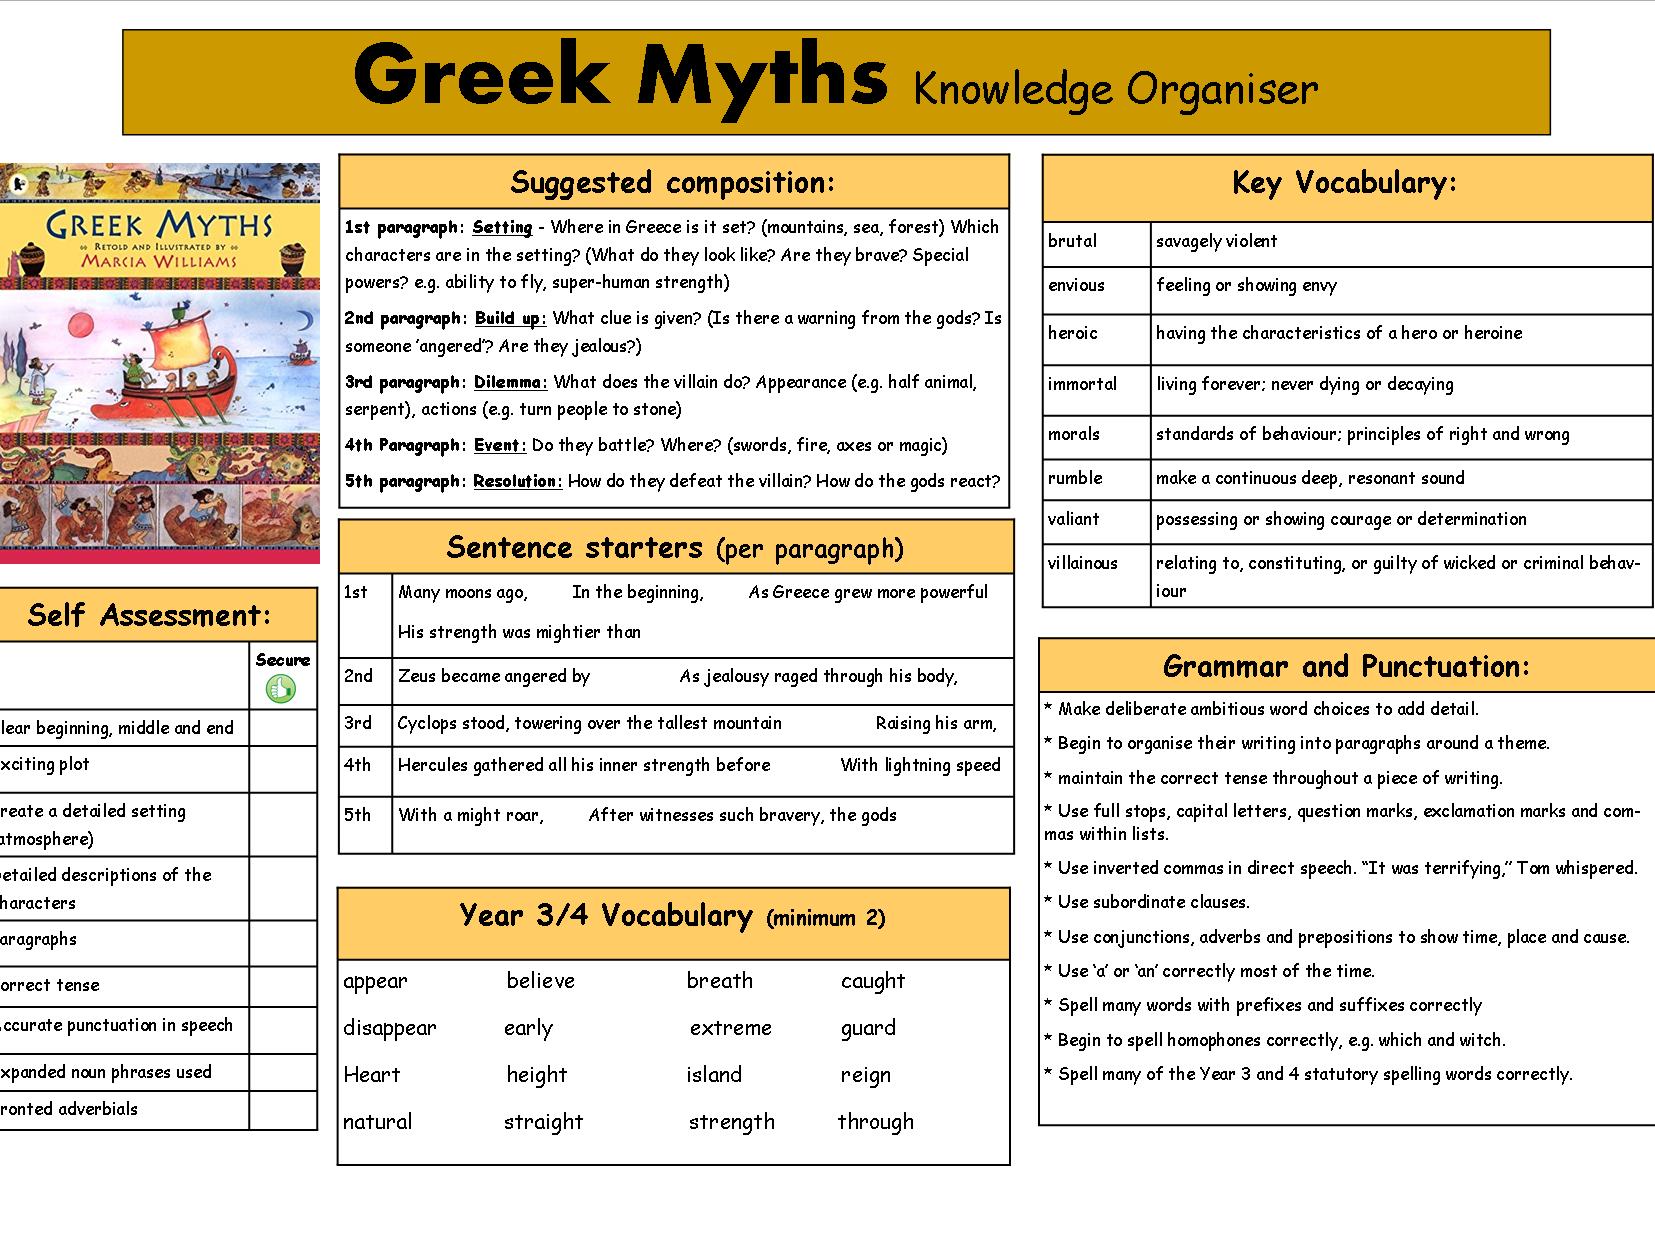 Greek Myth Knowledge Organiser